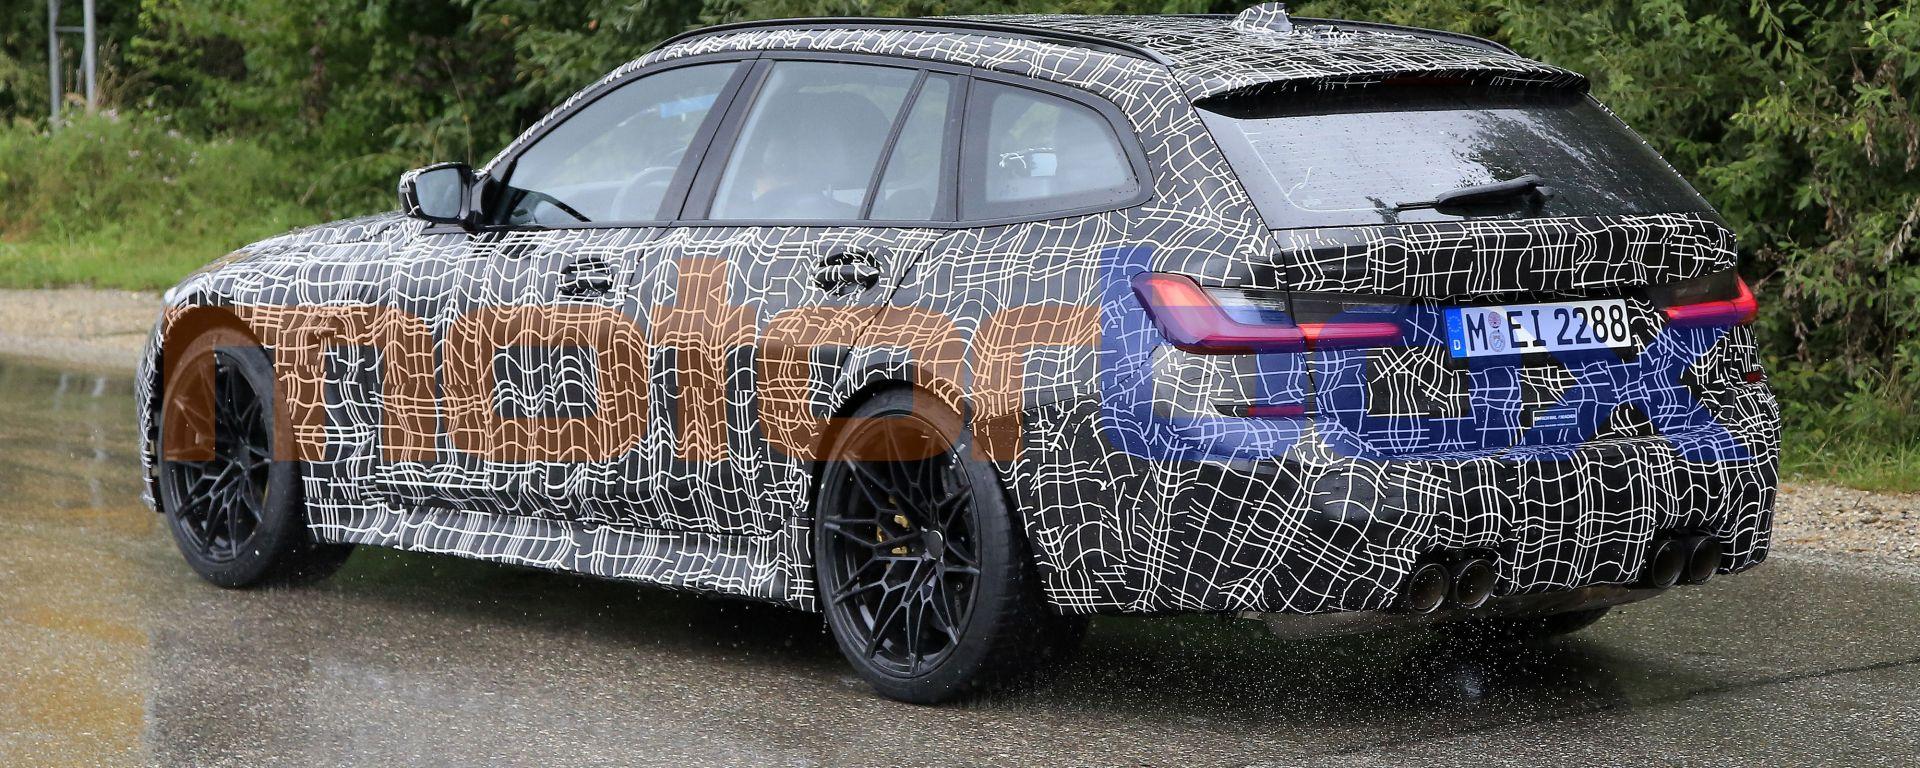 BMW M3 Touring, la super wagon è già in strada. Prime foto spia